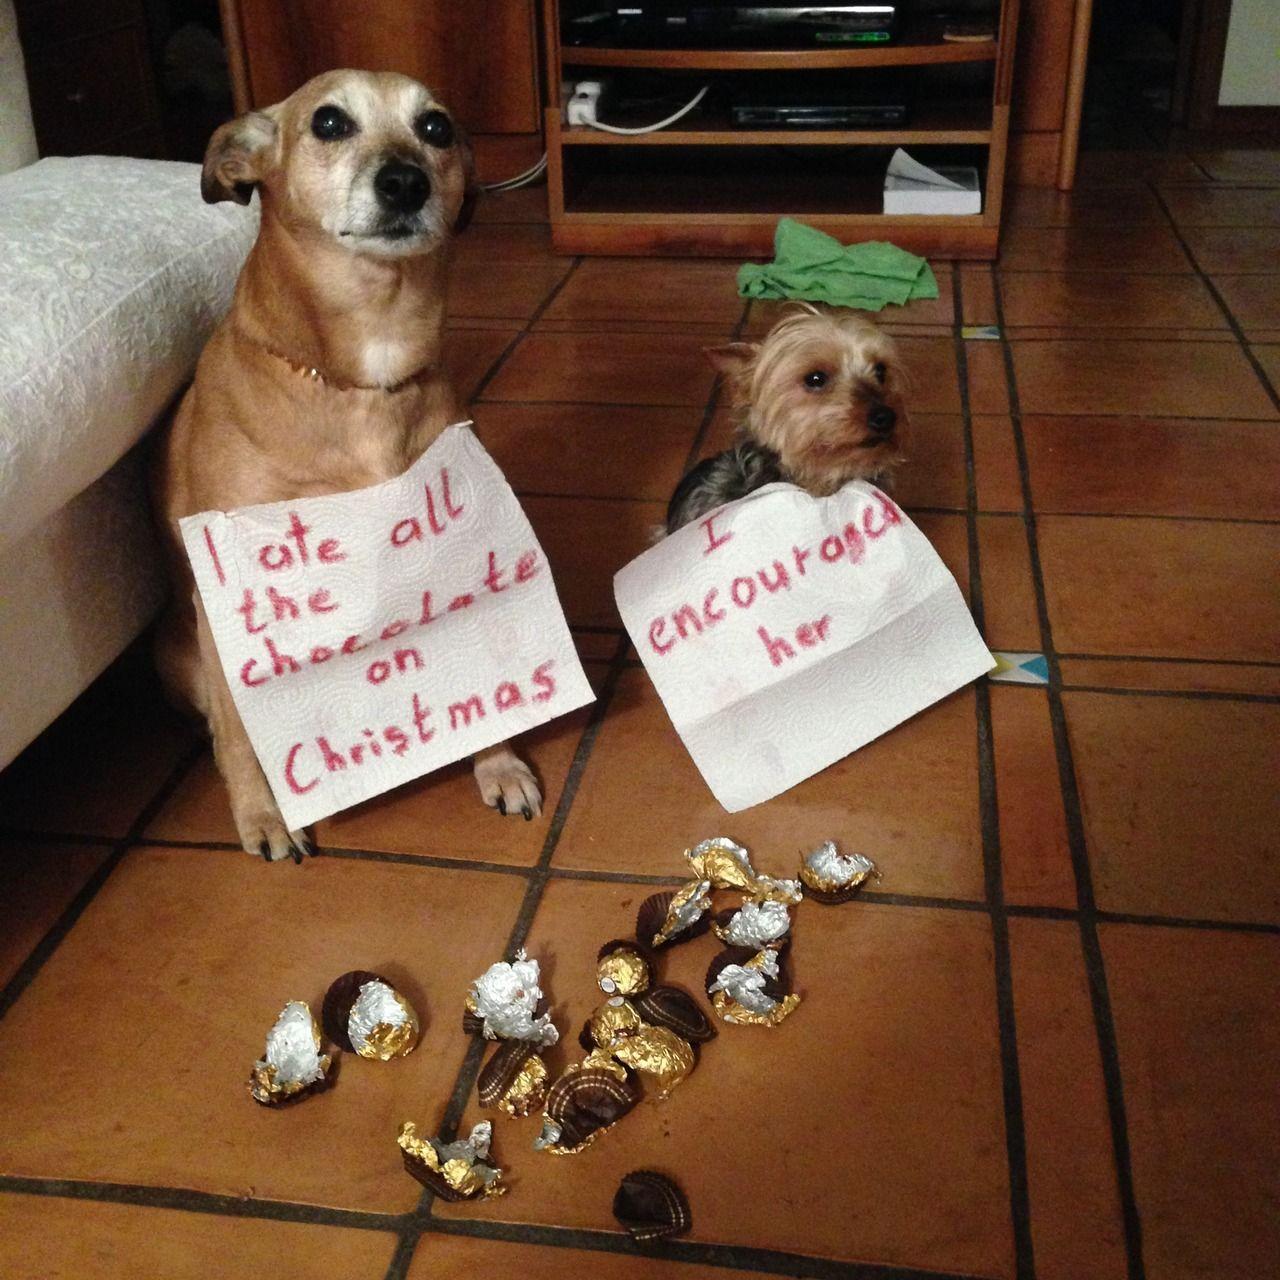 I ate all the chocolate on Christmas.